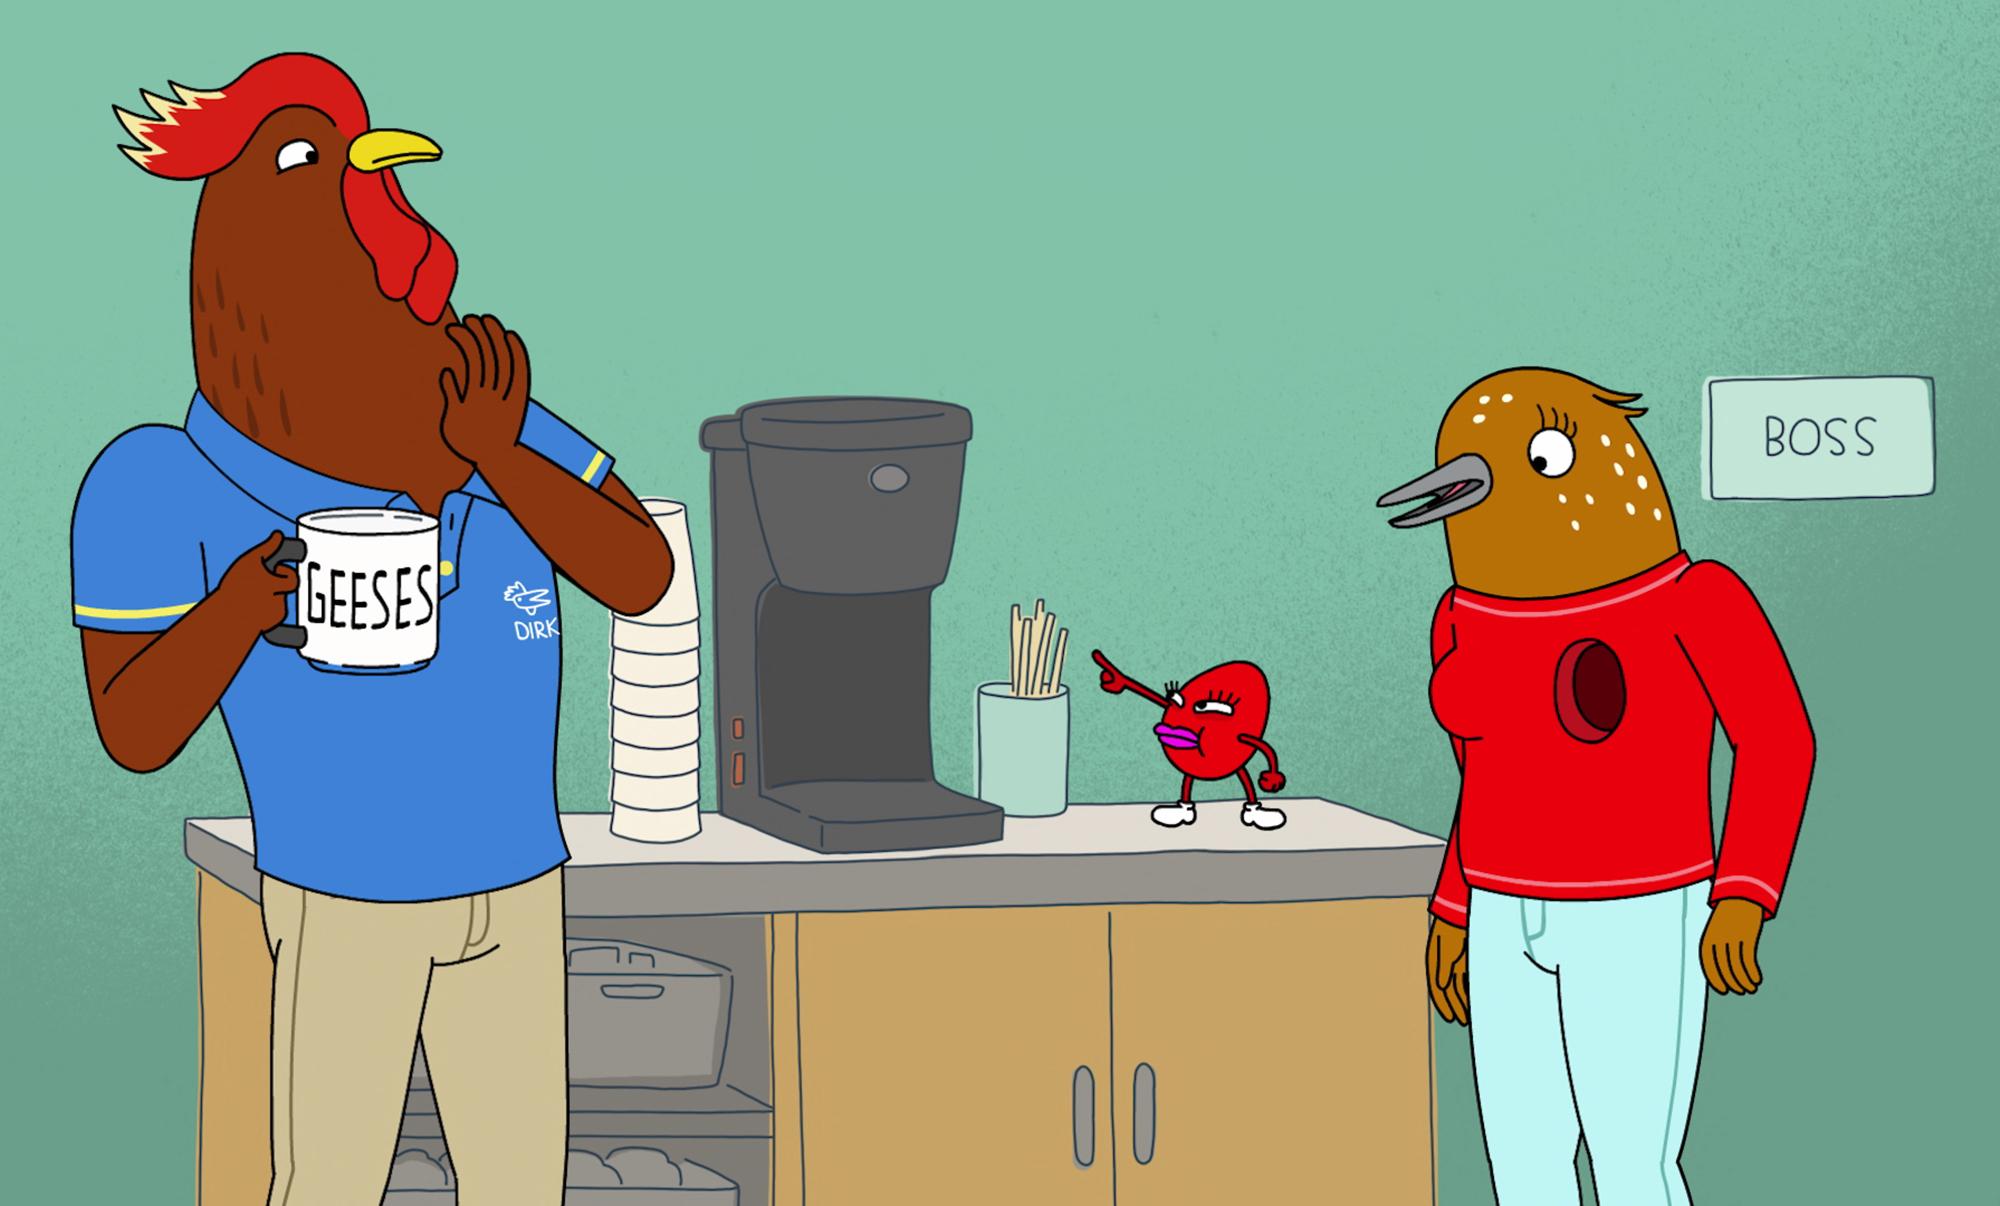 Recensione Tuca & Bertie, l'esuberante storia di una grande amicizia thumbnail